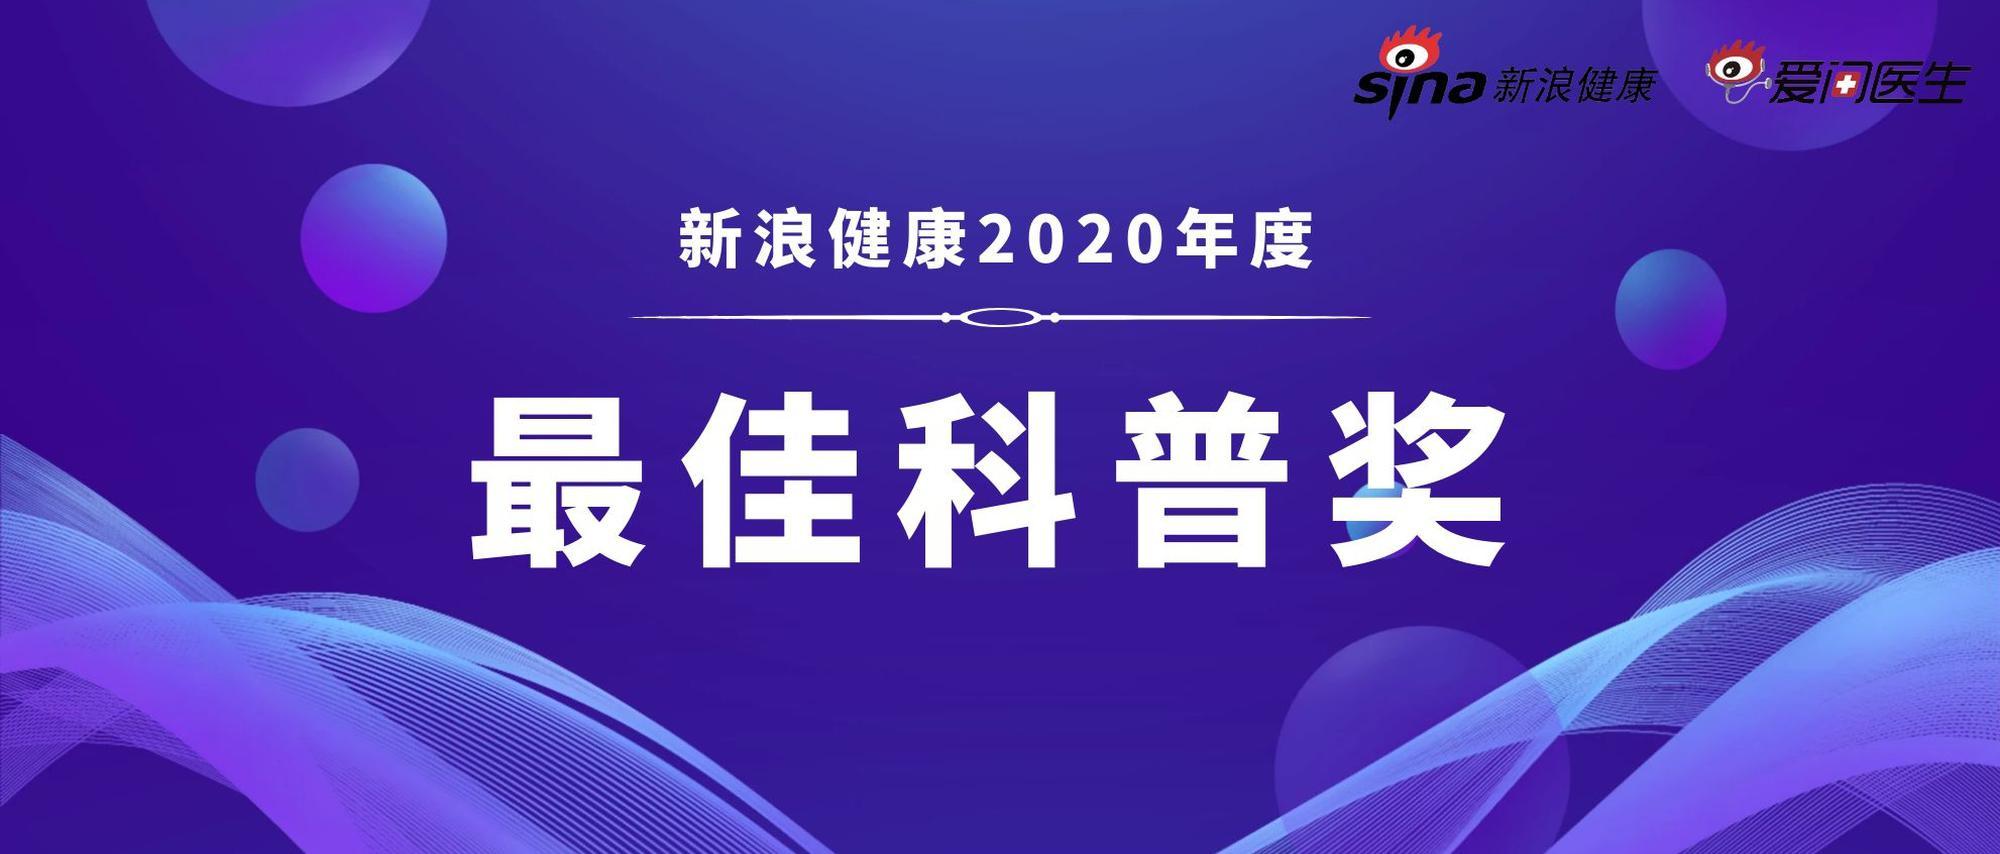 """八大奖项颁出!2020 ·新浪健康年度最佳科普""""榜单揭晓"""